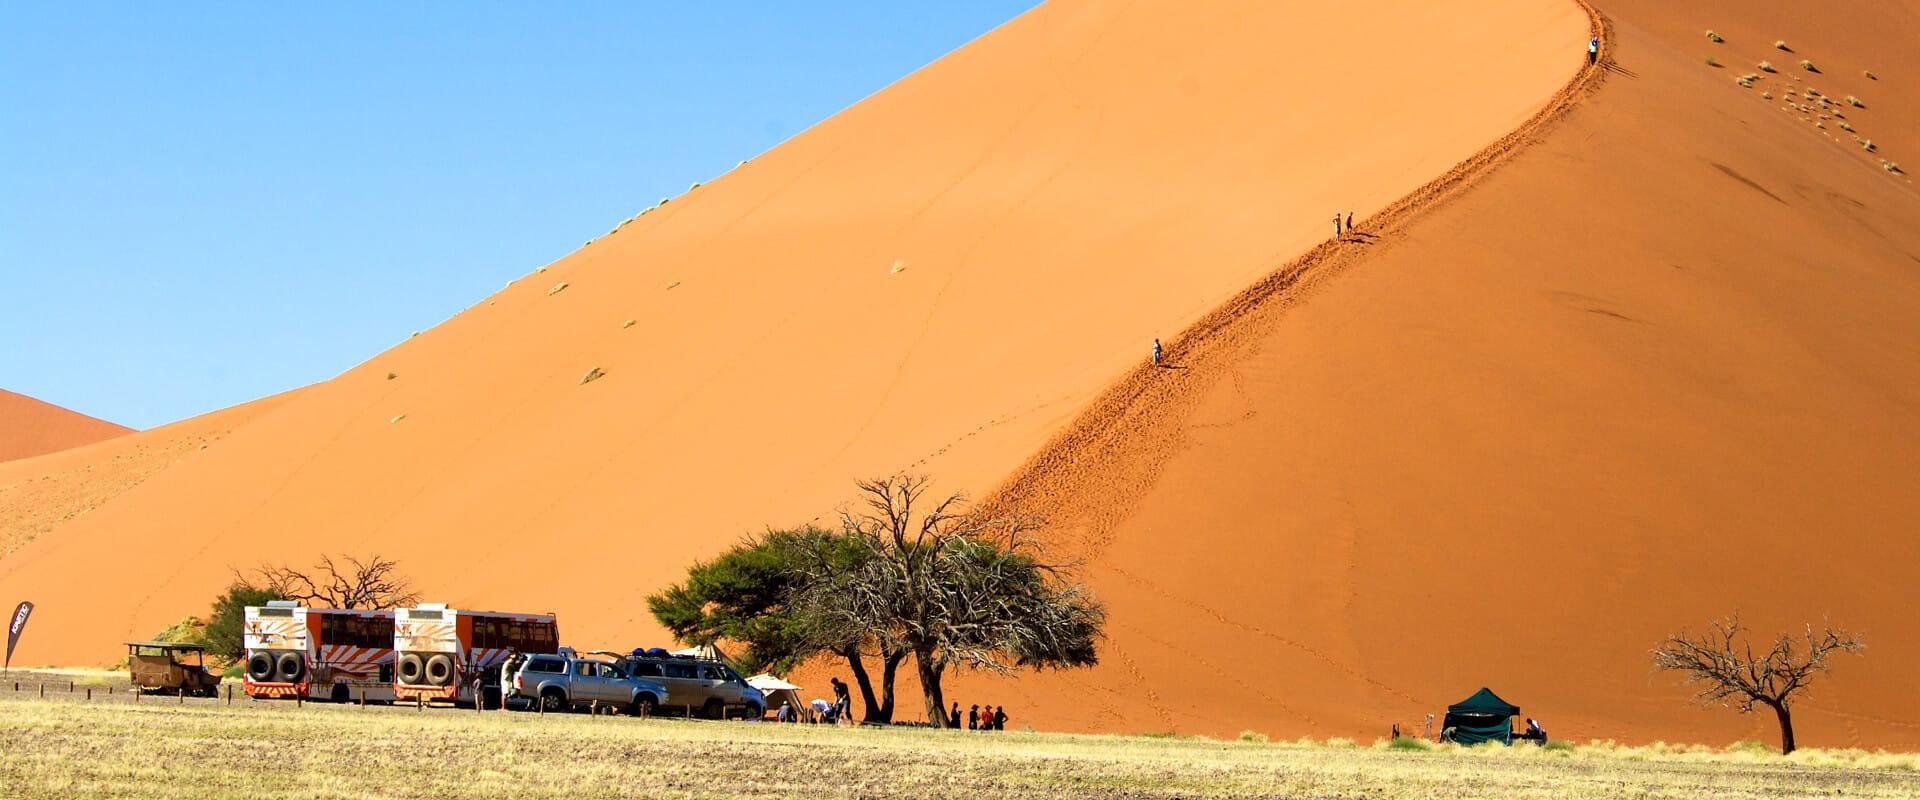 Düne in der Namib wird erklommen